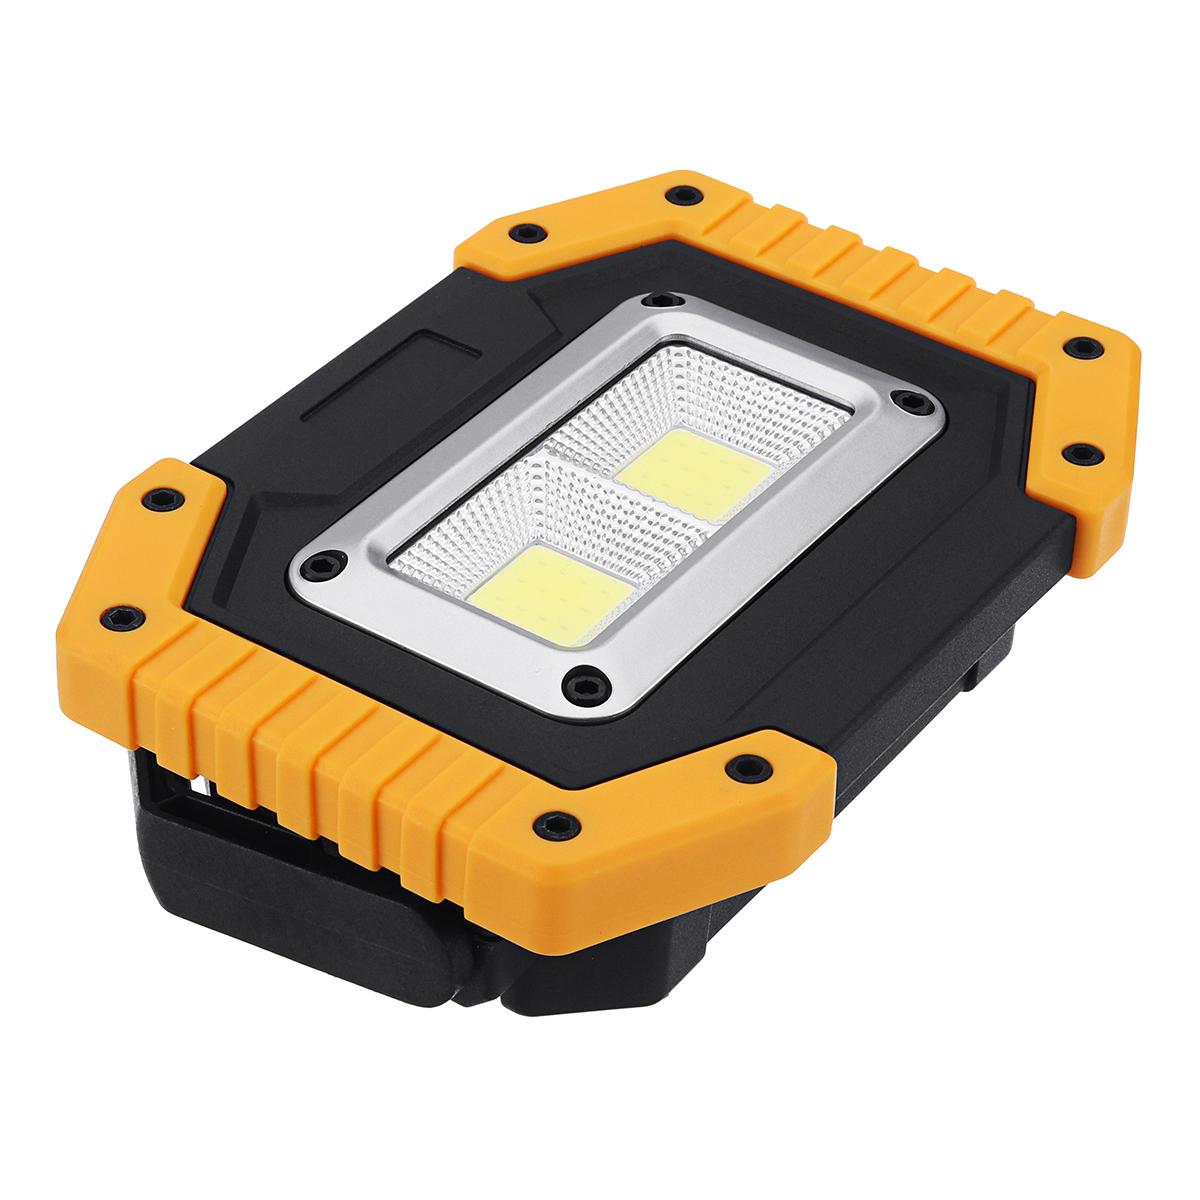 Xmund XD-SL2 30 Вт USB LED COB На открытом воздухе 3 режима рабочего освещения Кемпинг Фонарь аварийного фонаря Прожекто - фото 5